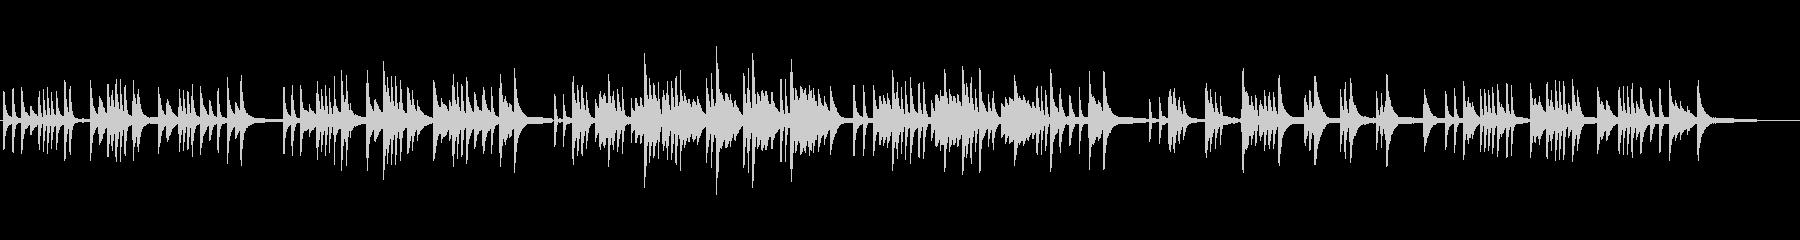 ジブリ風 悲しいバラード/ラウンジピアノの未再生の波形